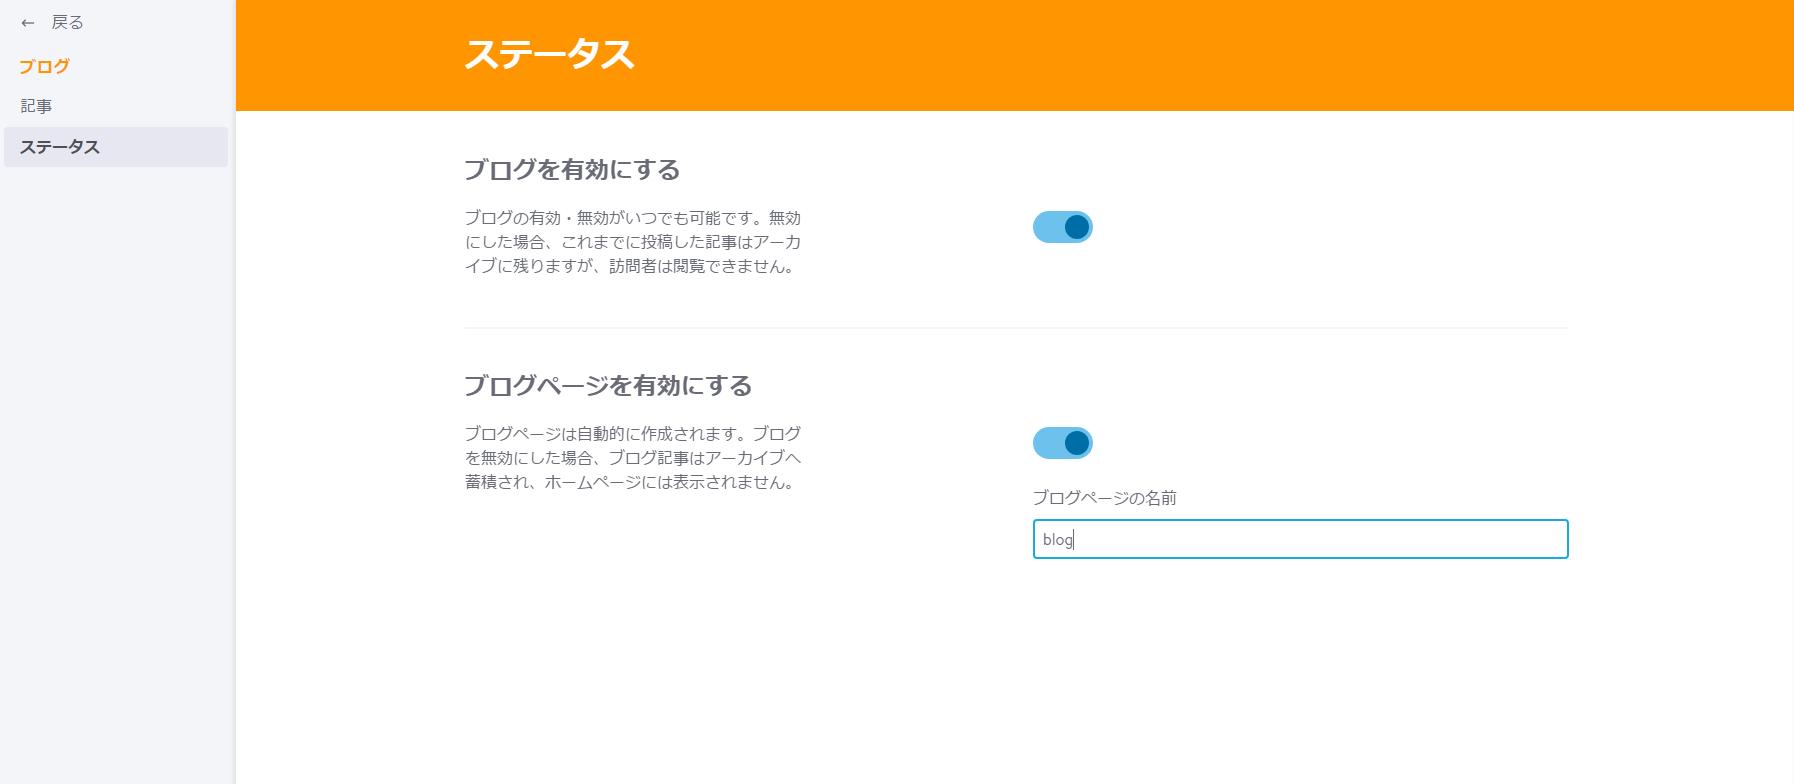 2. ステータスで「ブログ」と「ブログページ」を有効にします